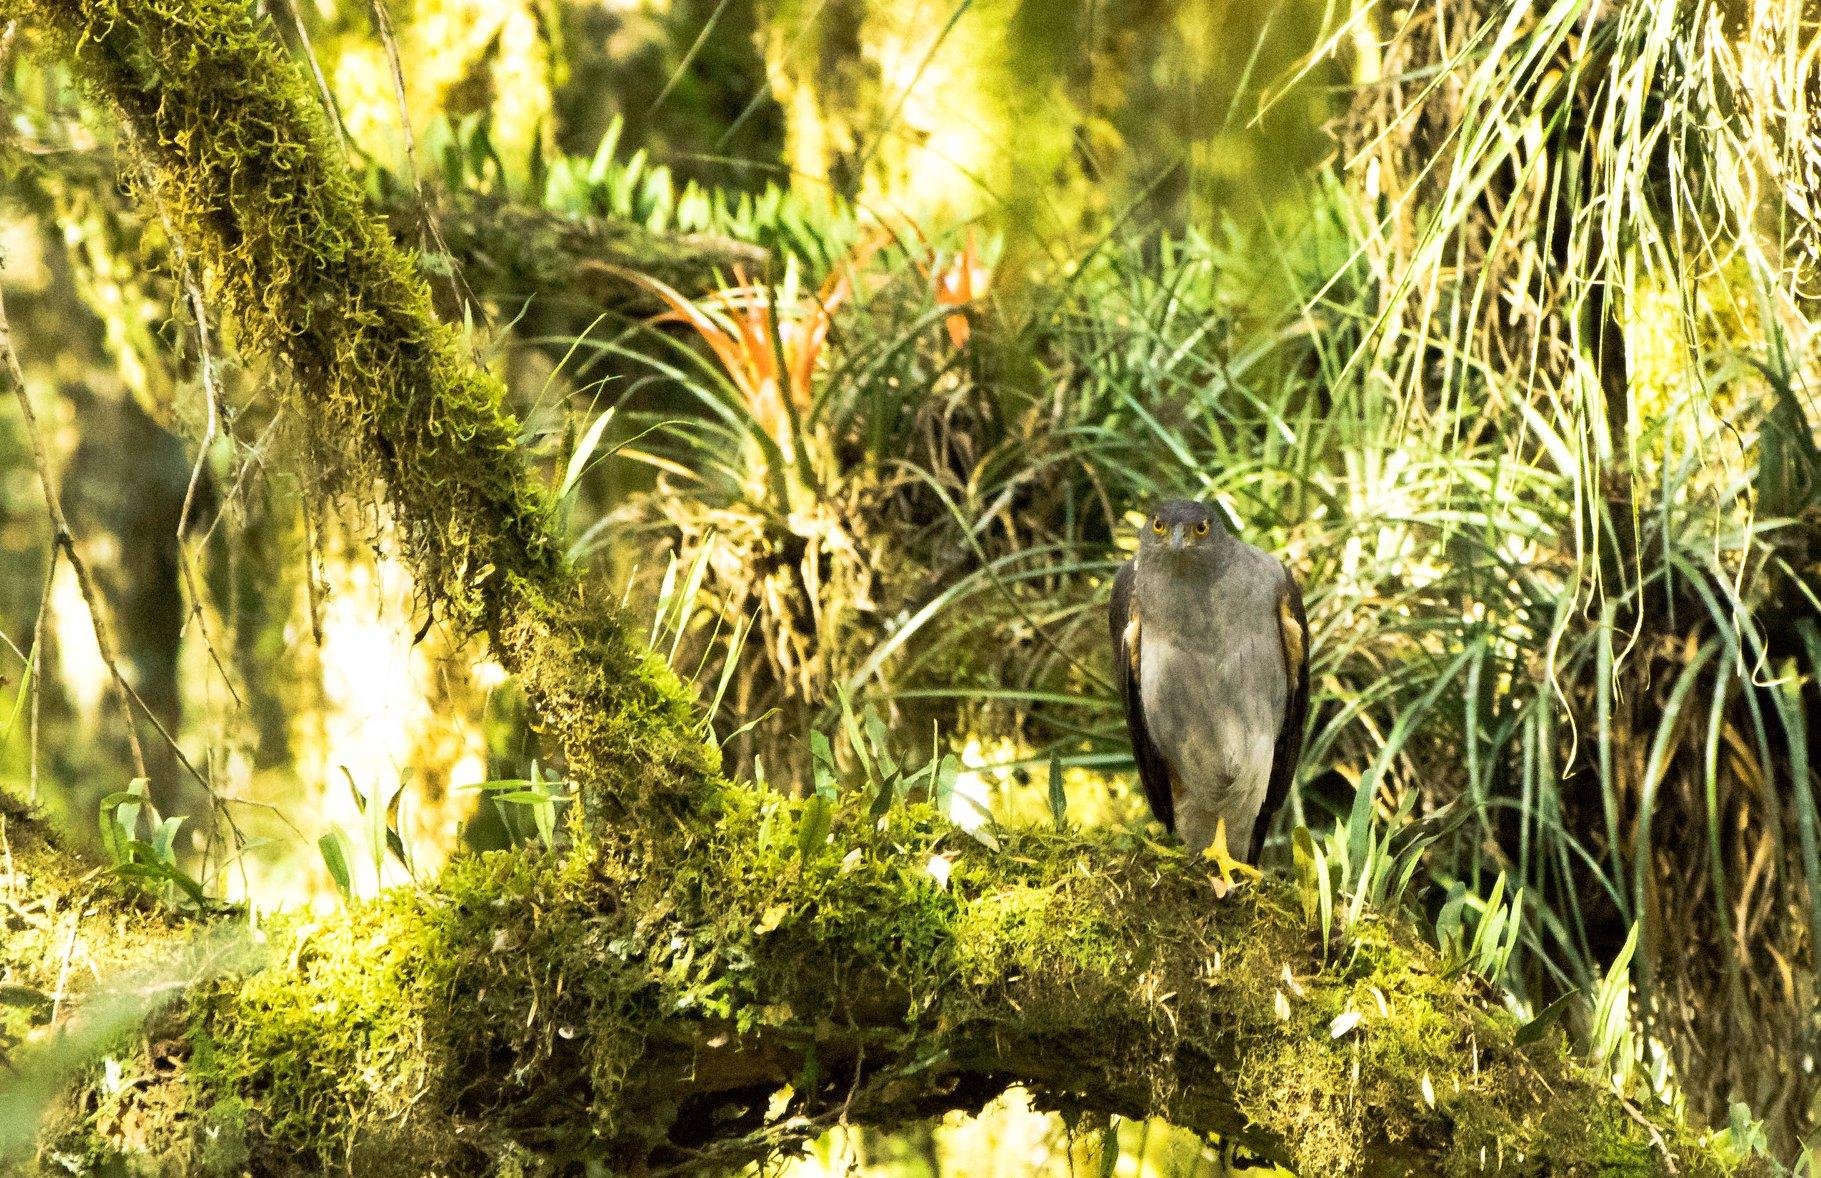 Registrados nos Campos de Palmas águias e gaviões em extinção